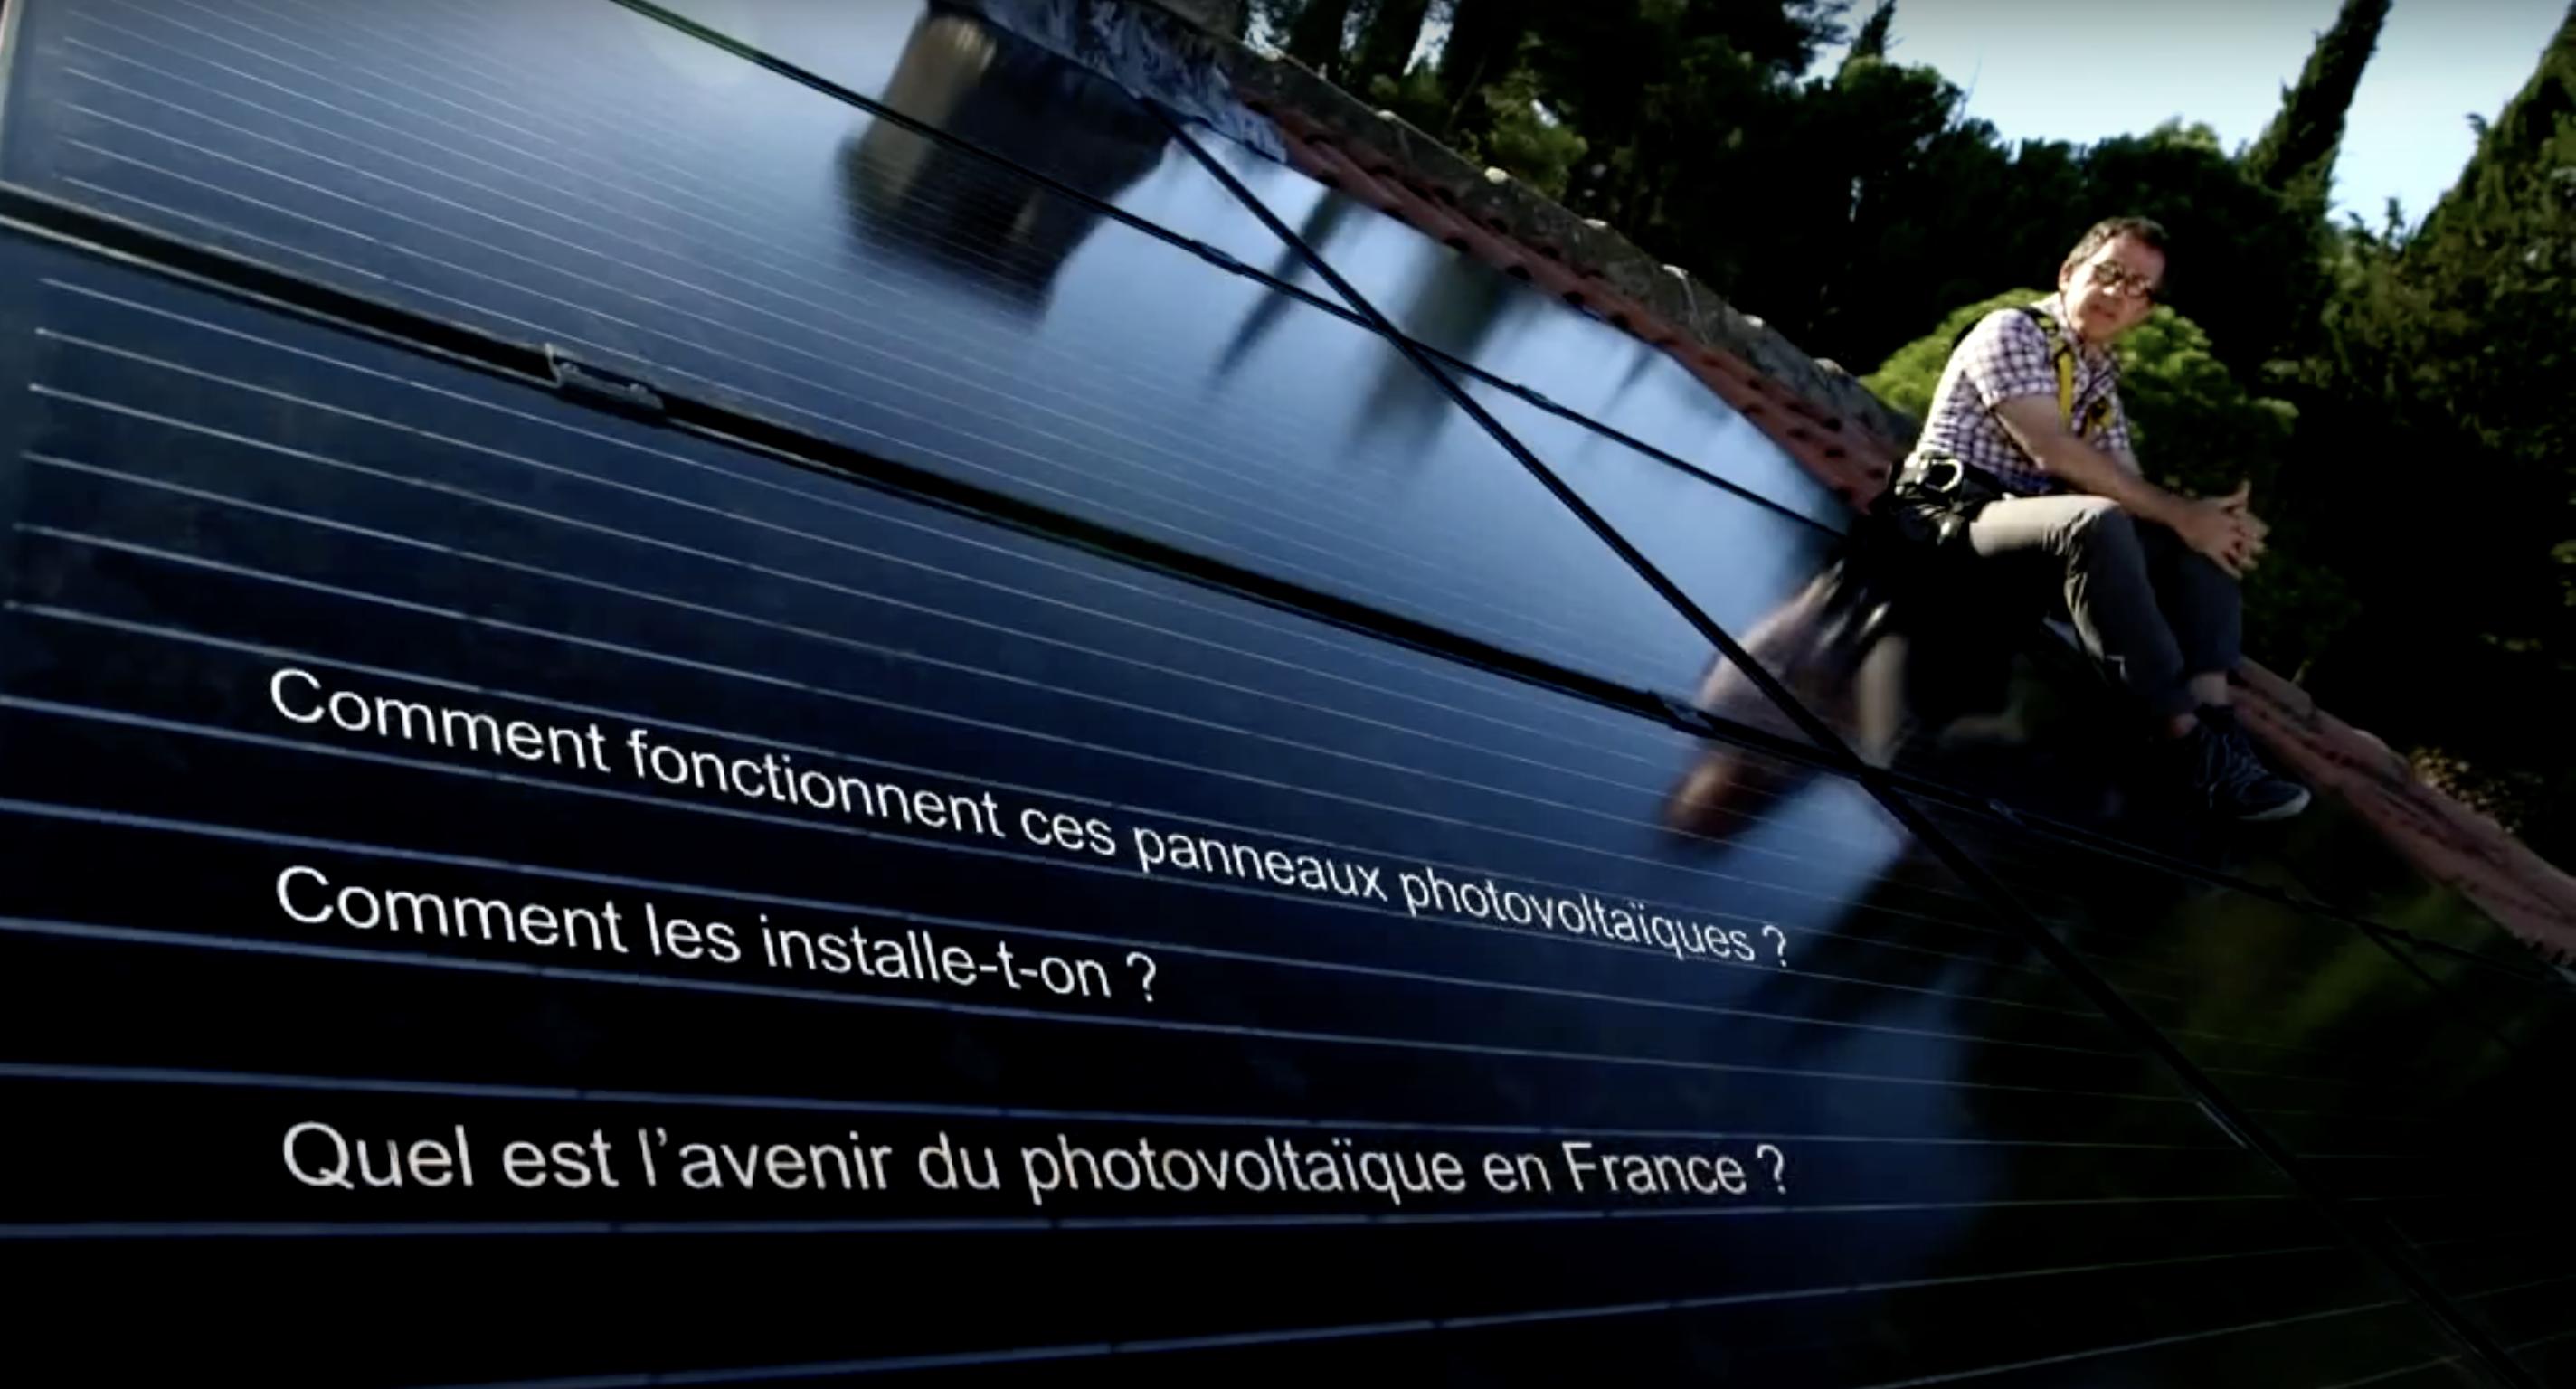 Jamy présente le photovoltaïque (vidéo)